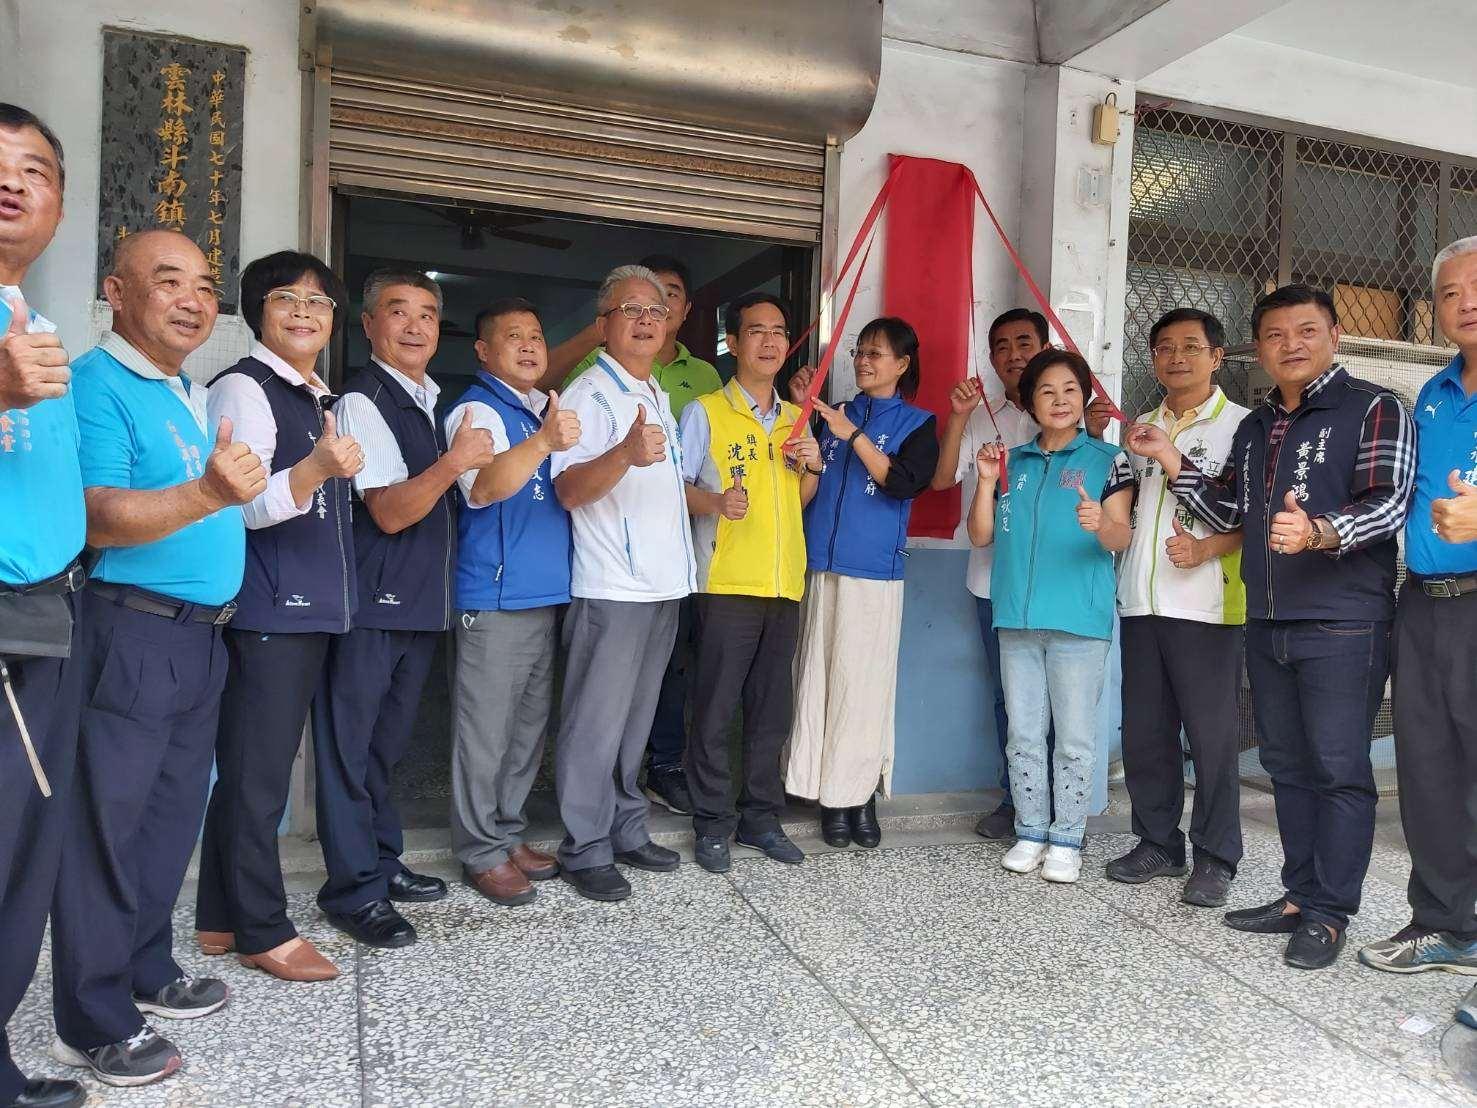 斗南鎮石龜溪老人福利協進會長青食堂周年暨揭牌典禮